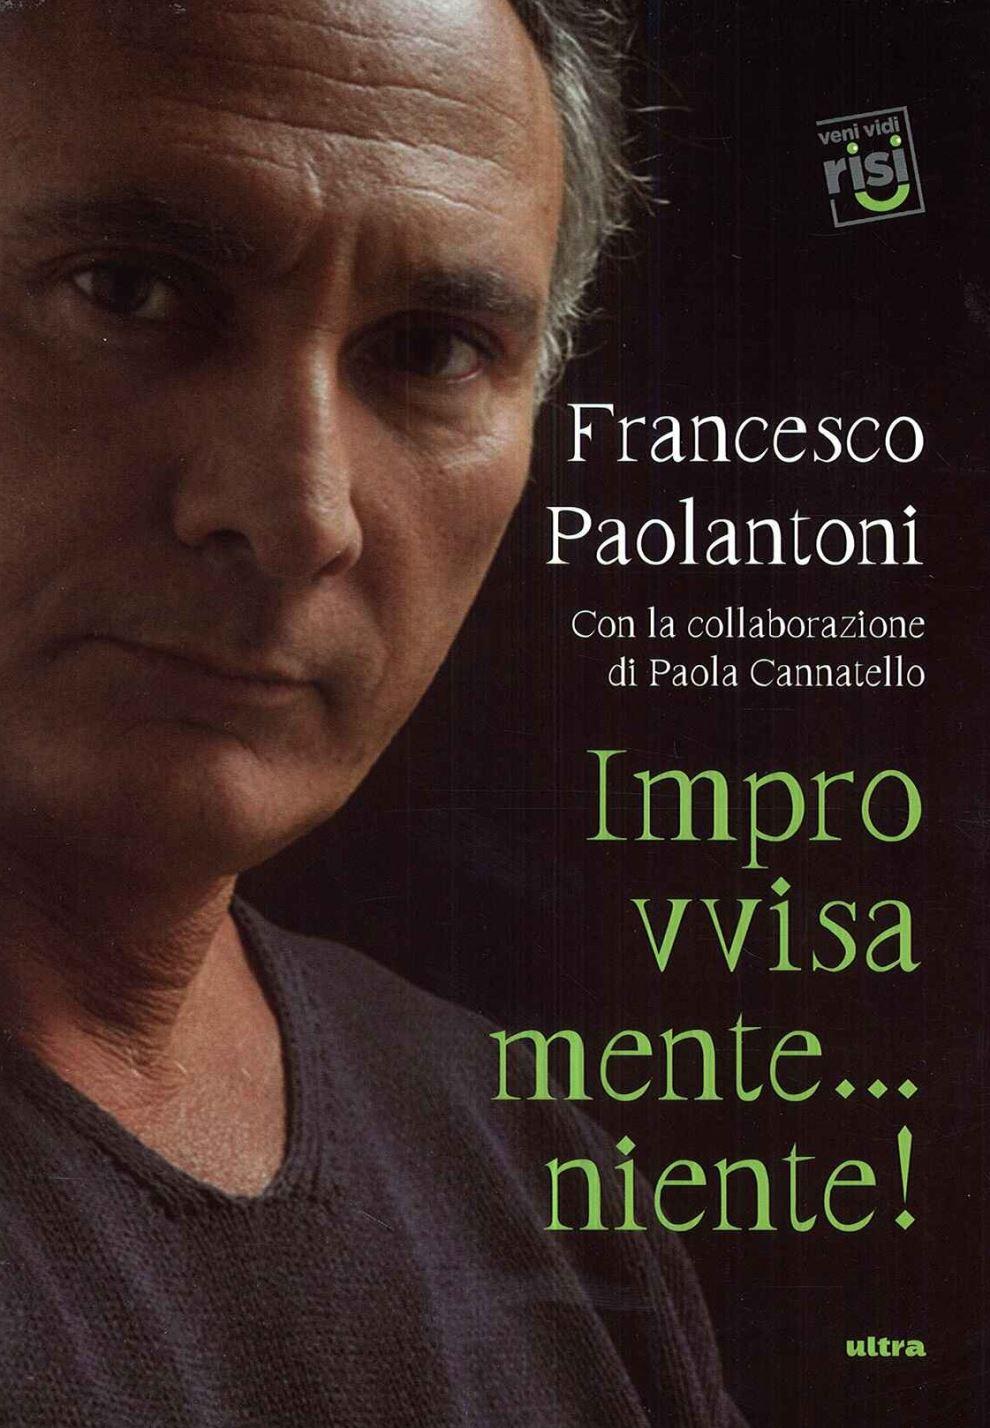 """""""Improvvisamente…niente!""""(edizioni Ultra): il libro di Francesco Paolantoni sarà presentato presso la Galleria Par'bleu di Aversa giovedì 16 maggio"""